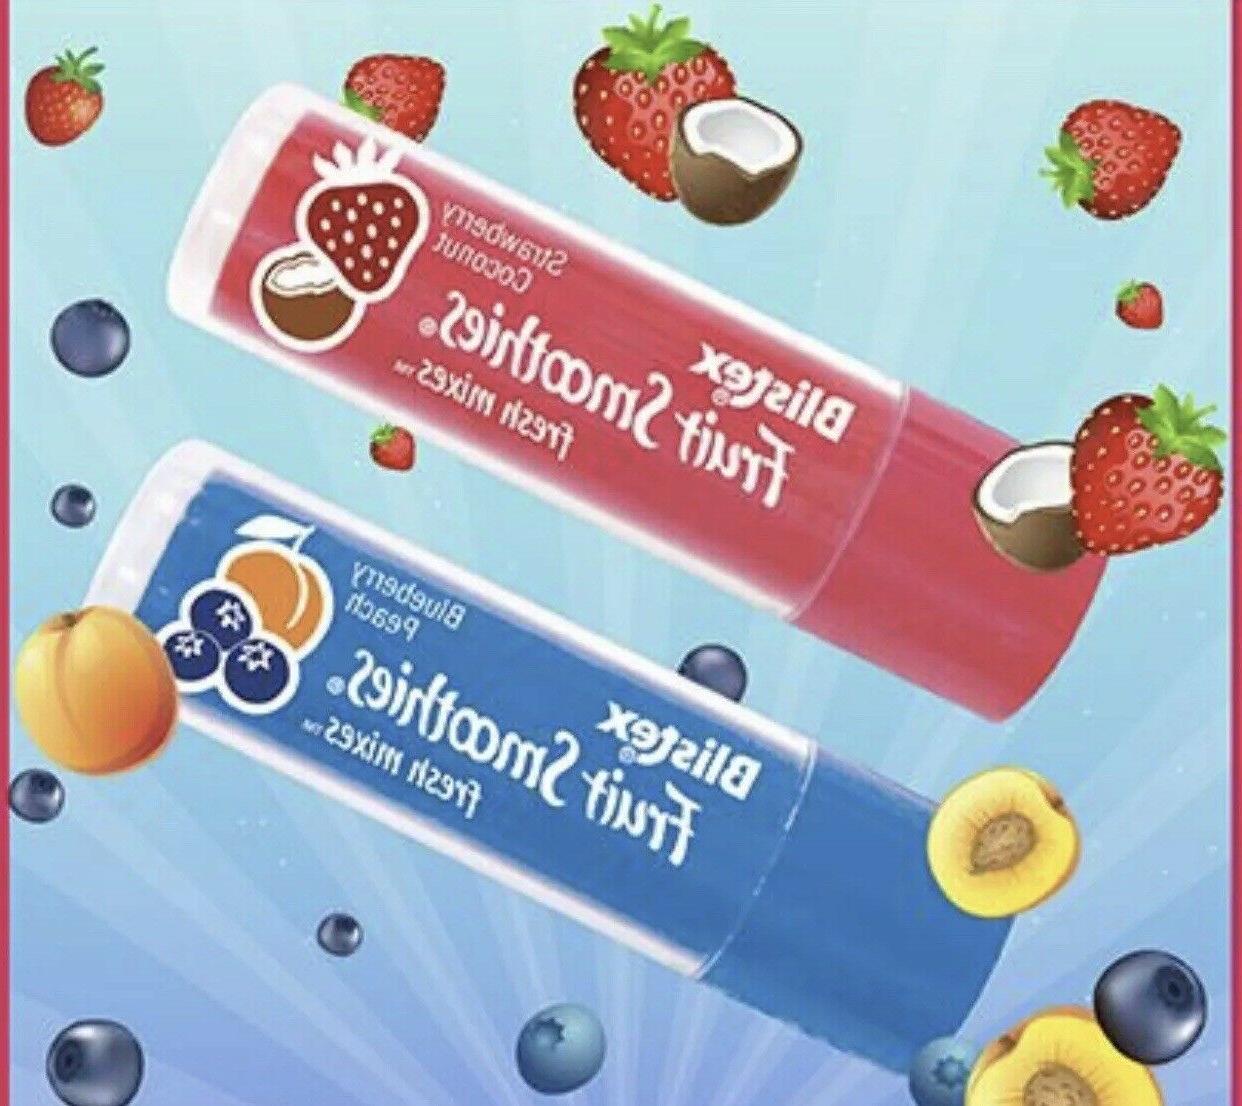 3x Fruit Smoothies Lip Fresh